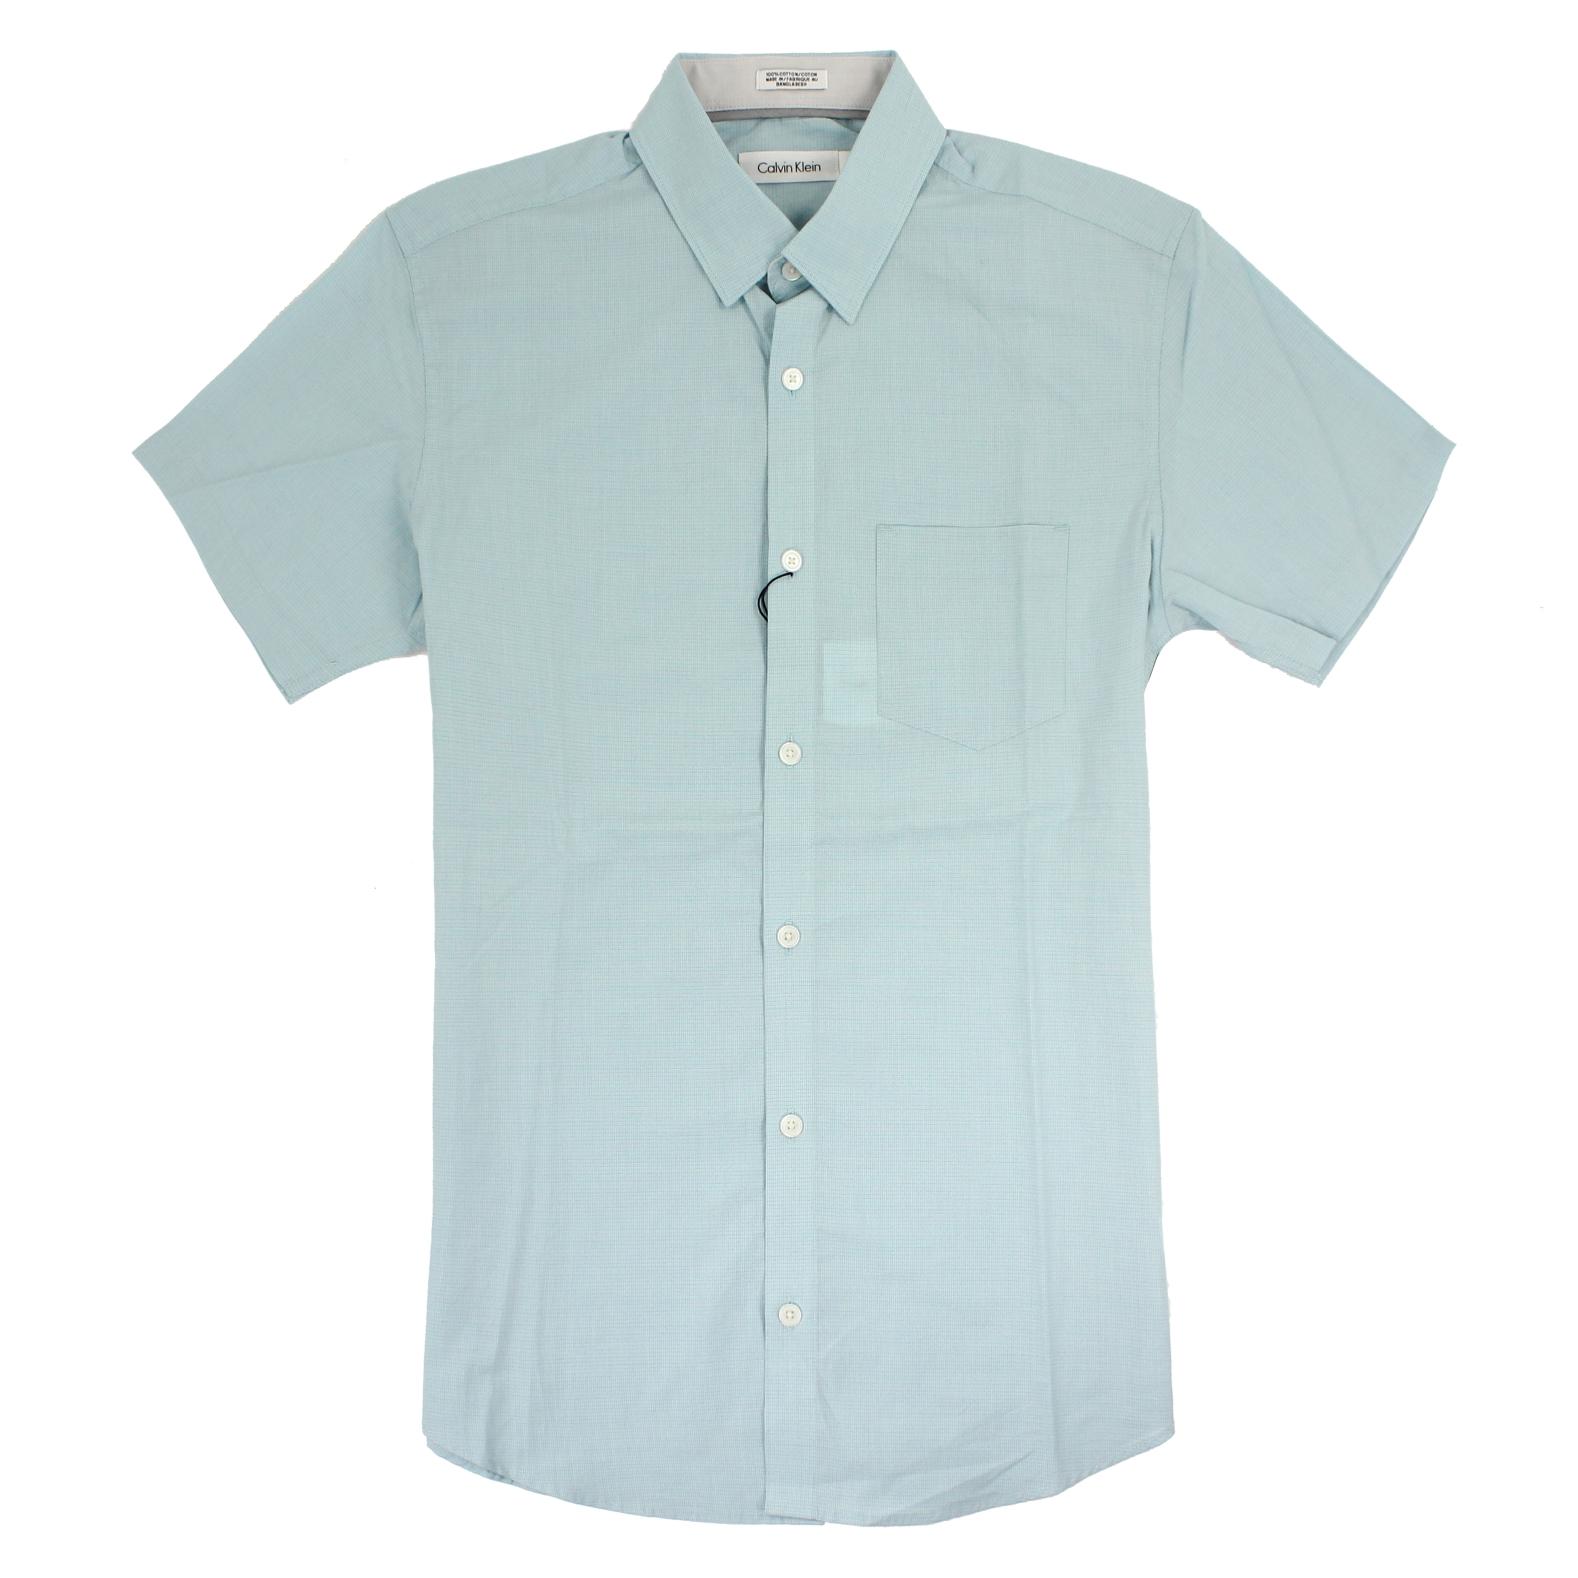 美國百分百【全新真品】Calvin Klein 襯衫 CK 男衣 短袖 格紋 休閒 上衣 S號 湖水綠色 E211